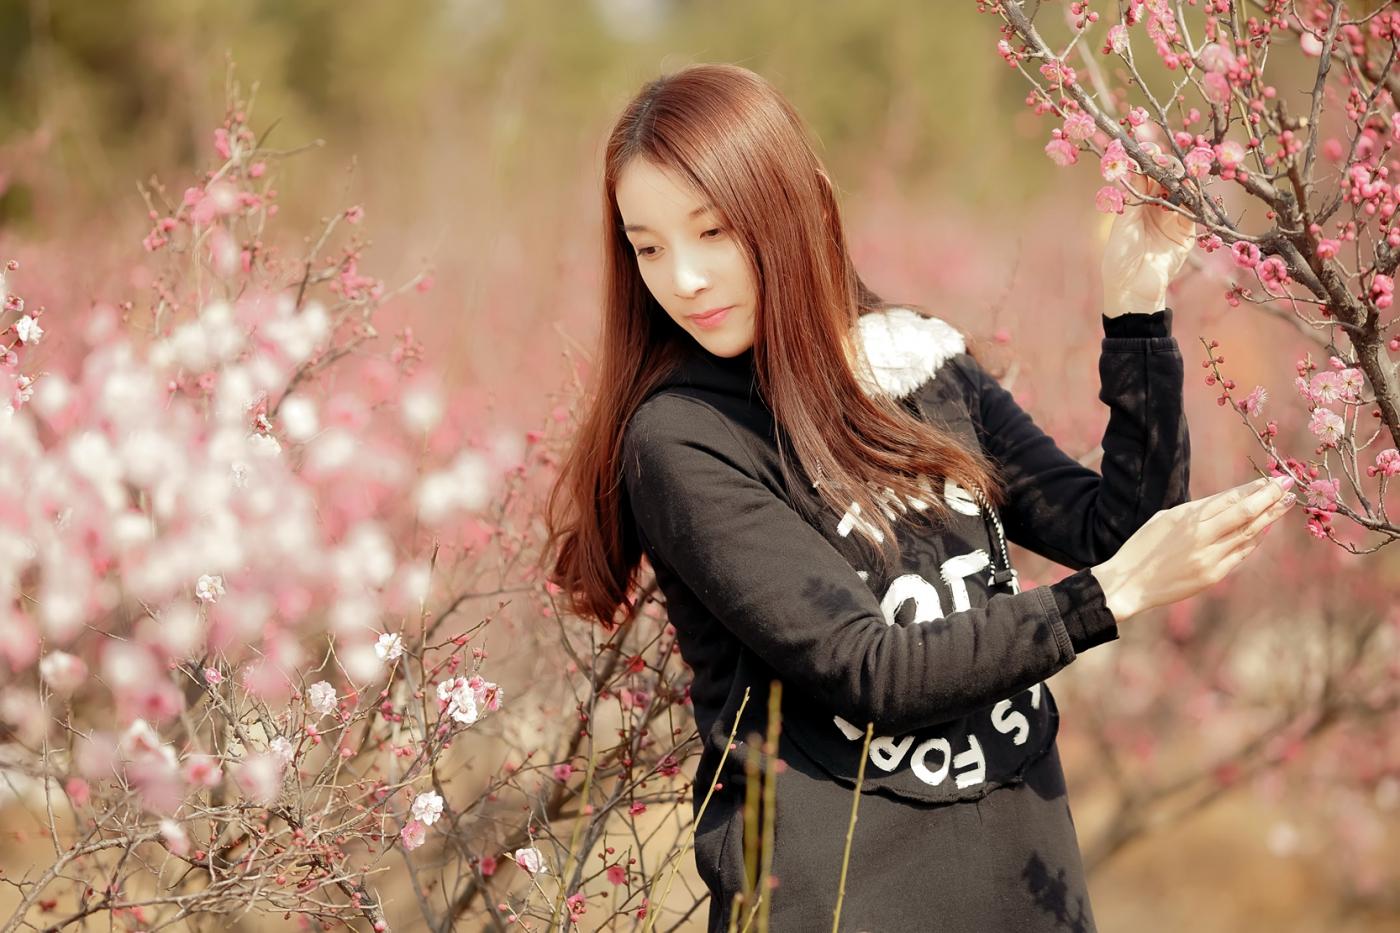 费县的春天从鲜花烂漫的梅林和女孩张诗奇的偶遇开始_图1-4